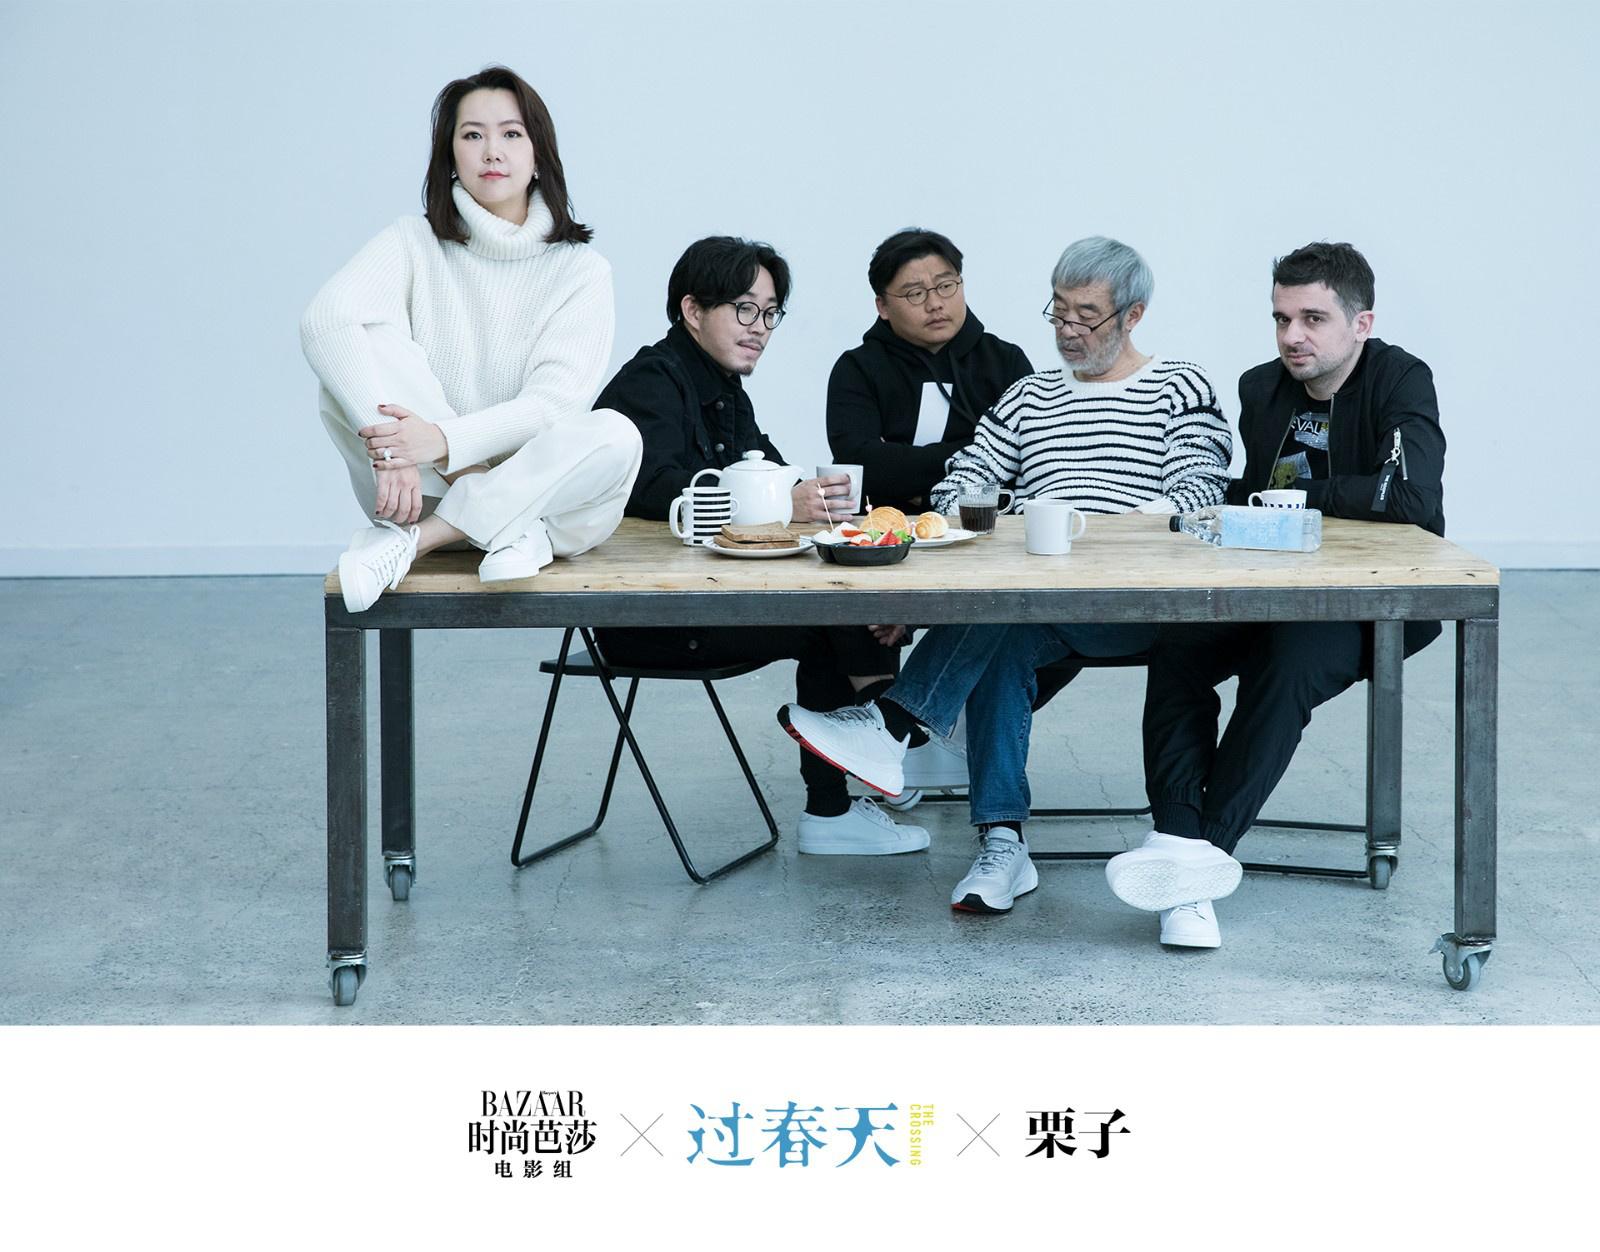 《过春天》曝芭莎大片 田壮壮书写青春片新类型